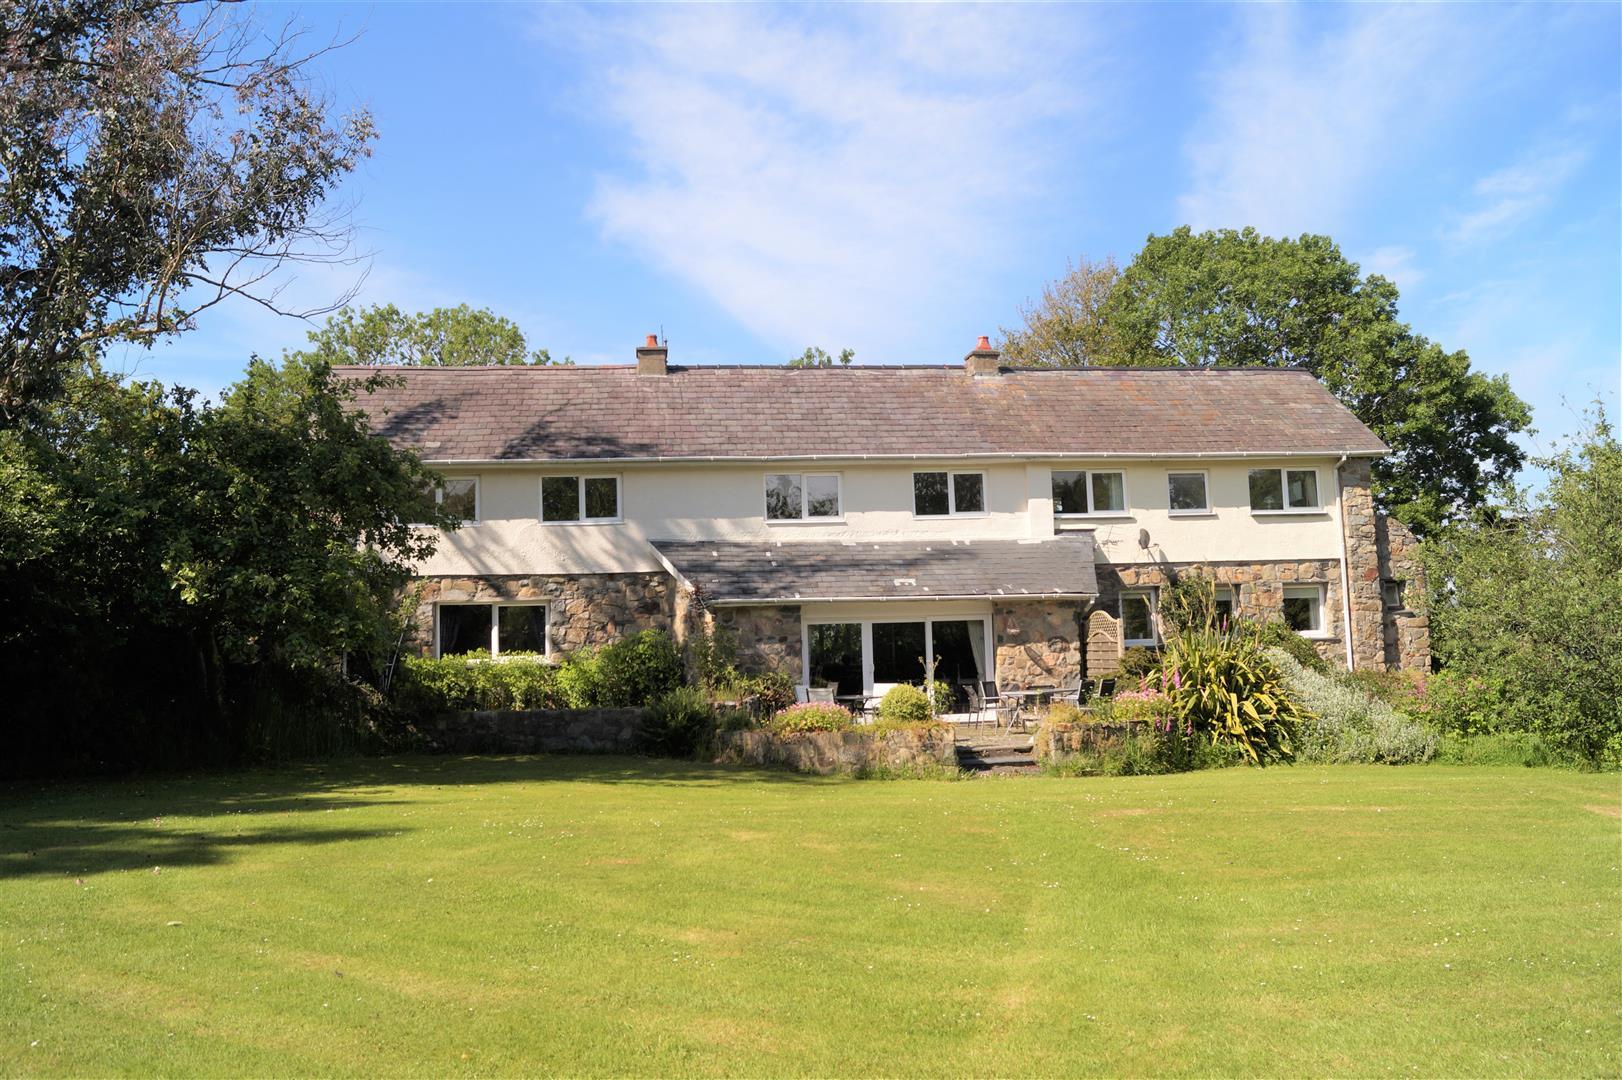 Rhosfawr, Pwllheli - £435,000